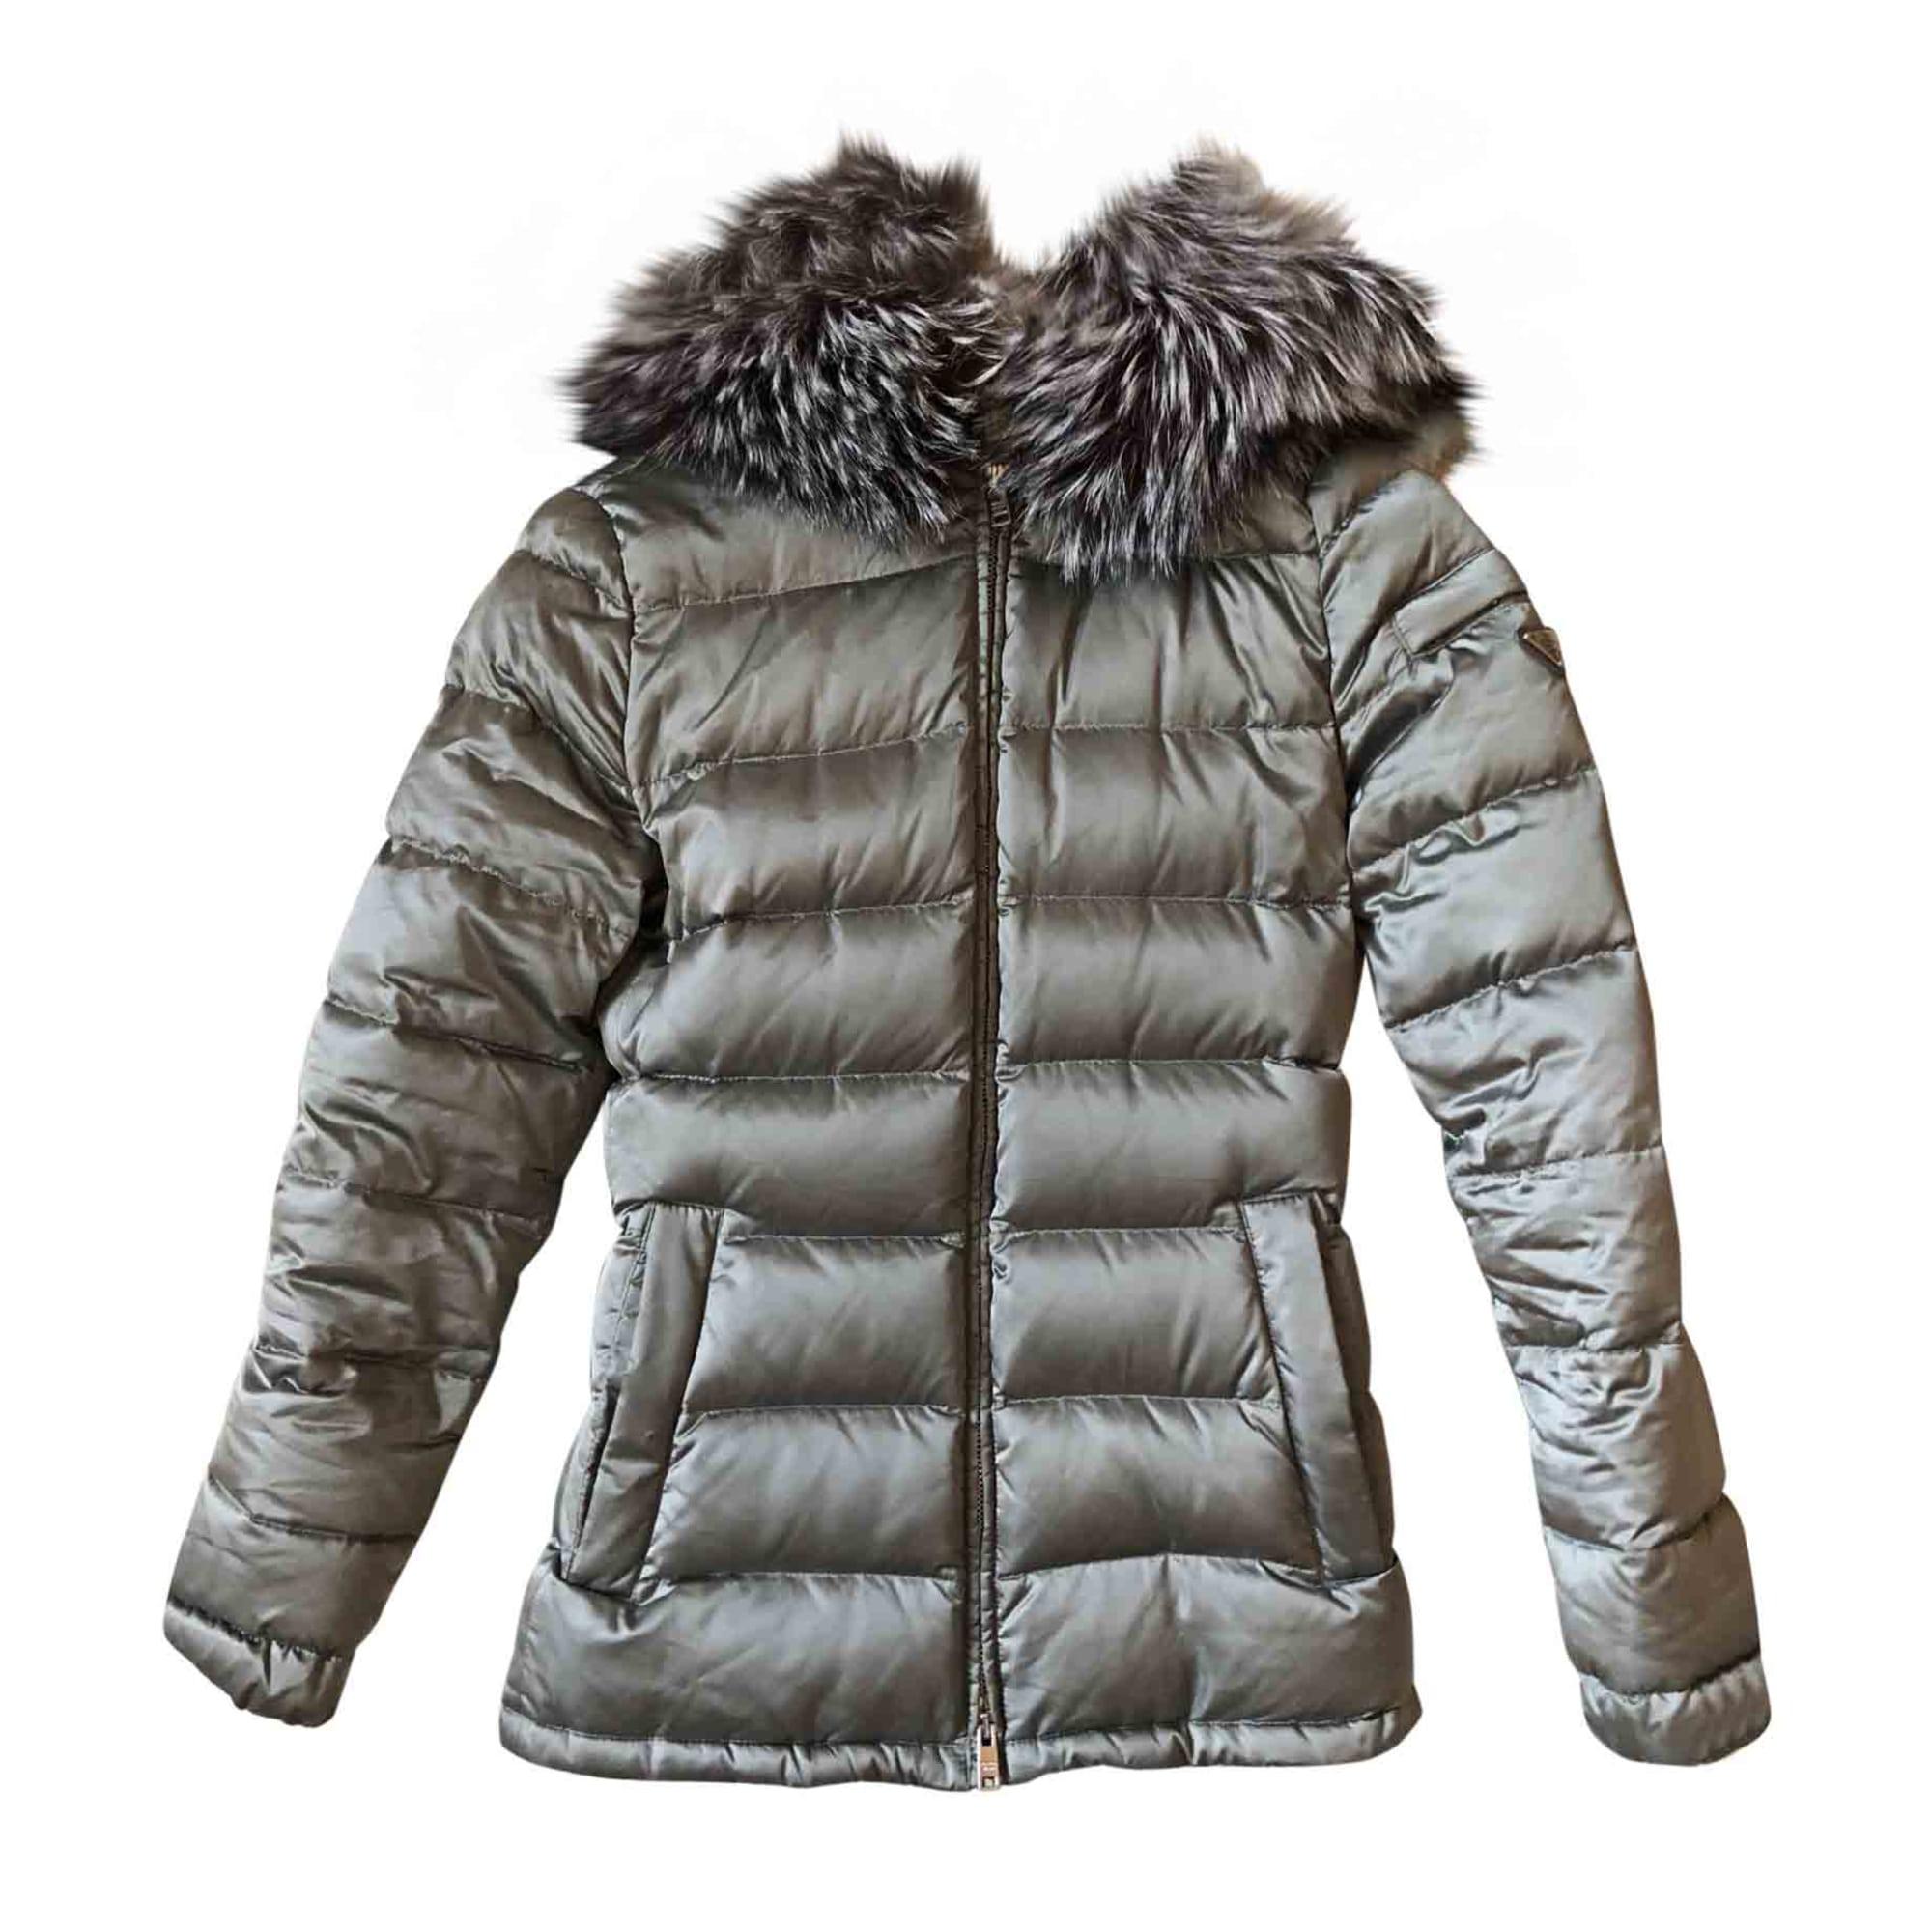 Doudoune PRADA 34 (XS, T0) gris vendu par Felicia 2202406 - 7153692 63efa178fef